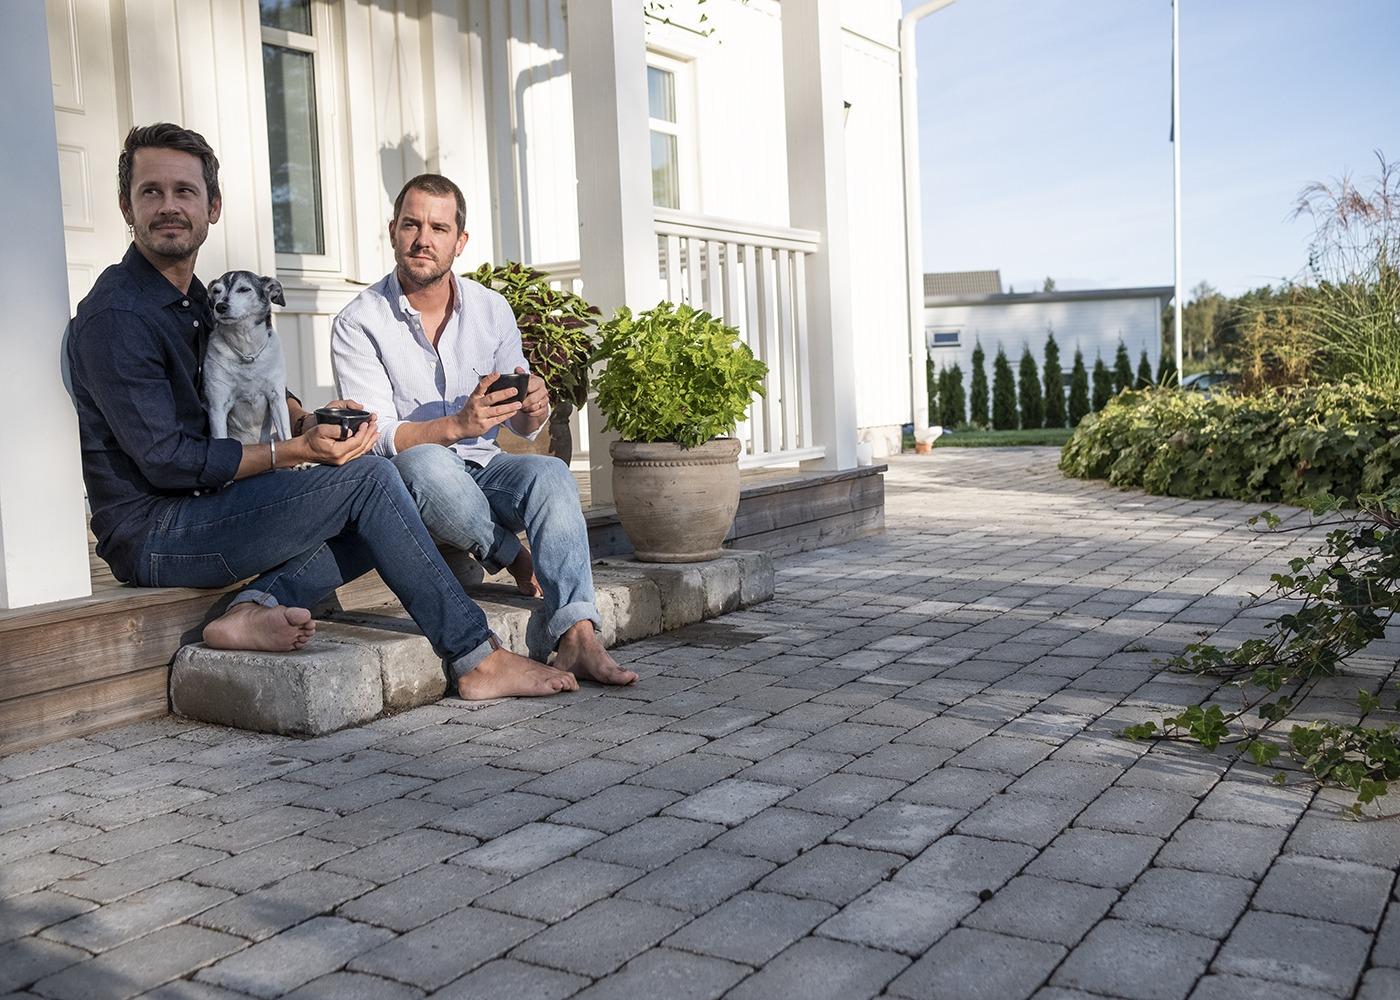 Emil och Henrik framför sitt Huspartner hus